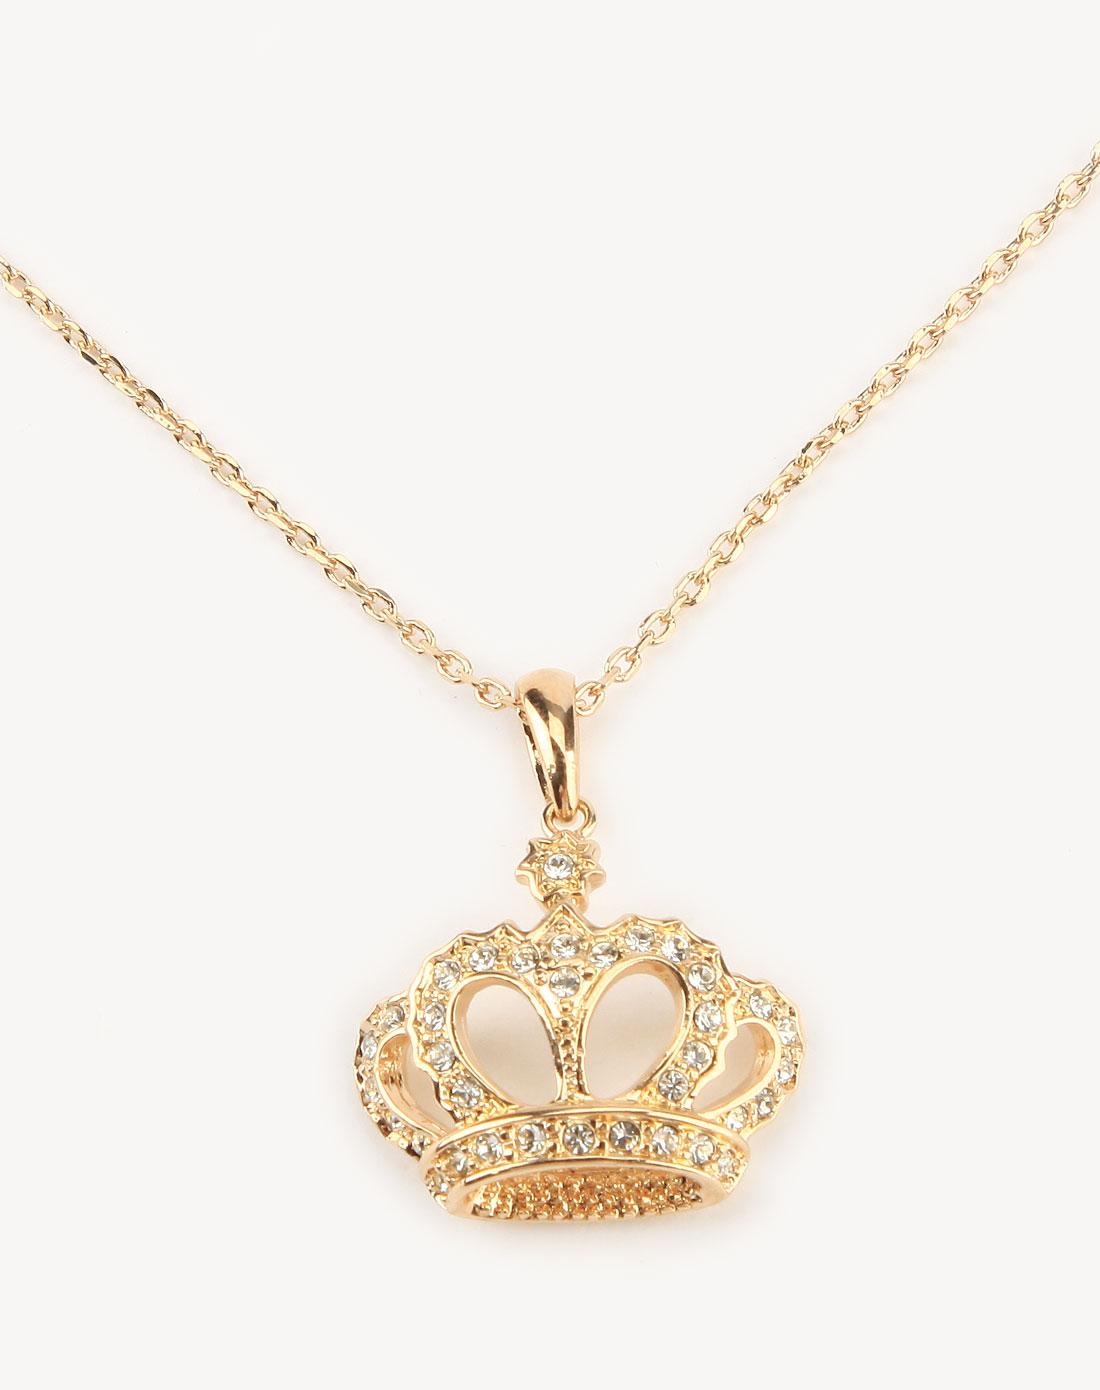 金色镶钻小皇冠吊坠项链